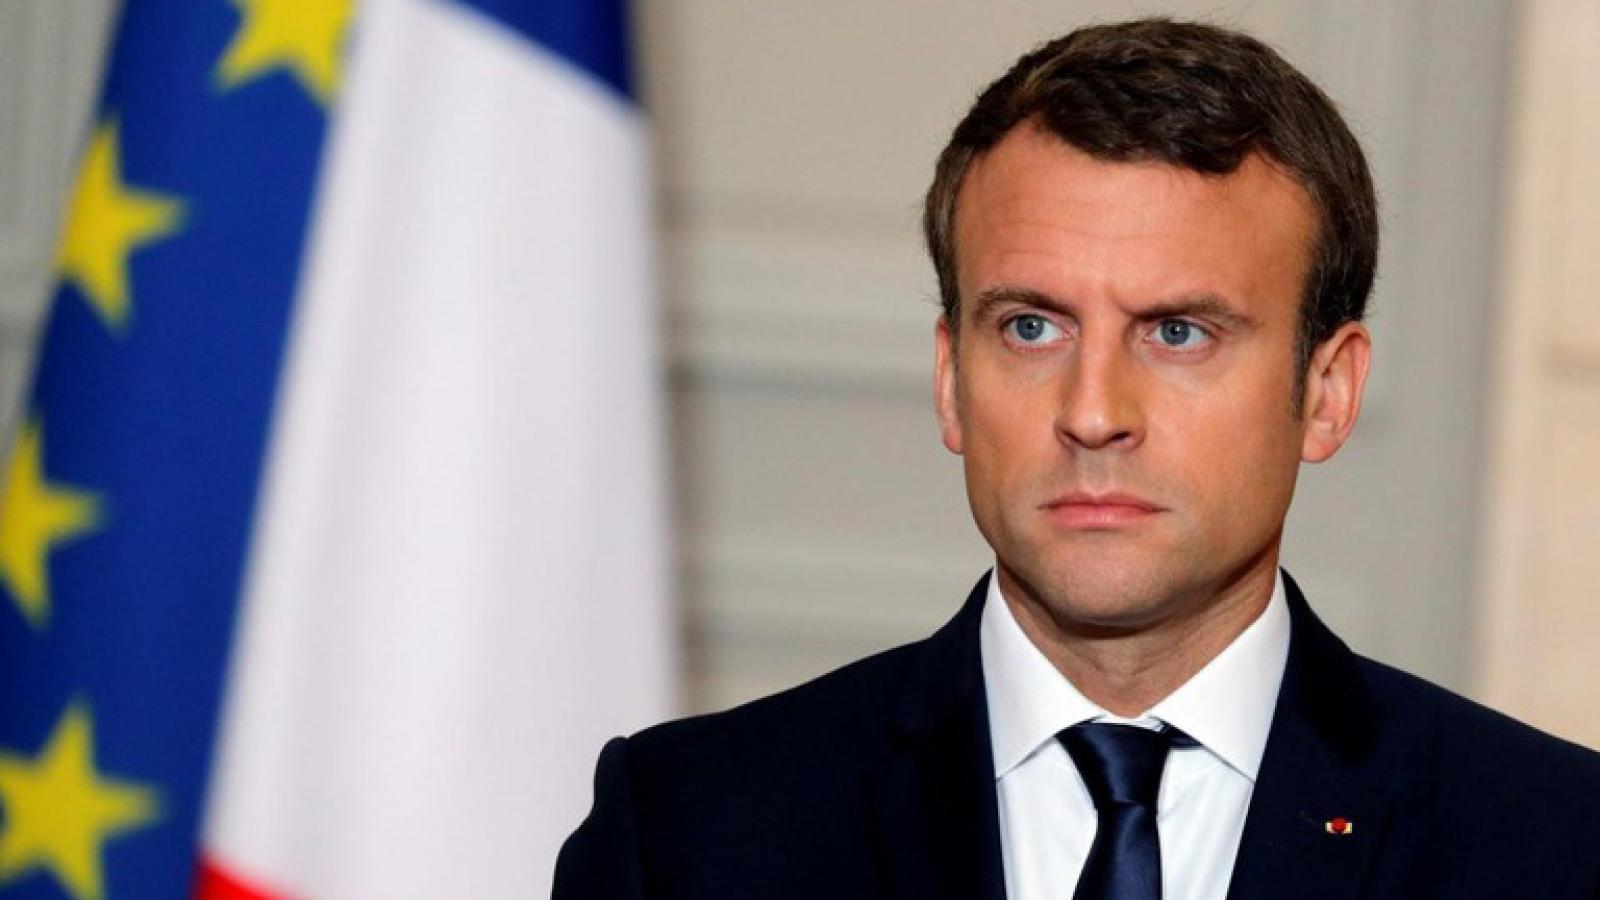 """Tổng thống Pháp: Thổ Nhĩ Kỳ đang chơi """"một trò chơi nguy hiểm"""" ở Libya"""